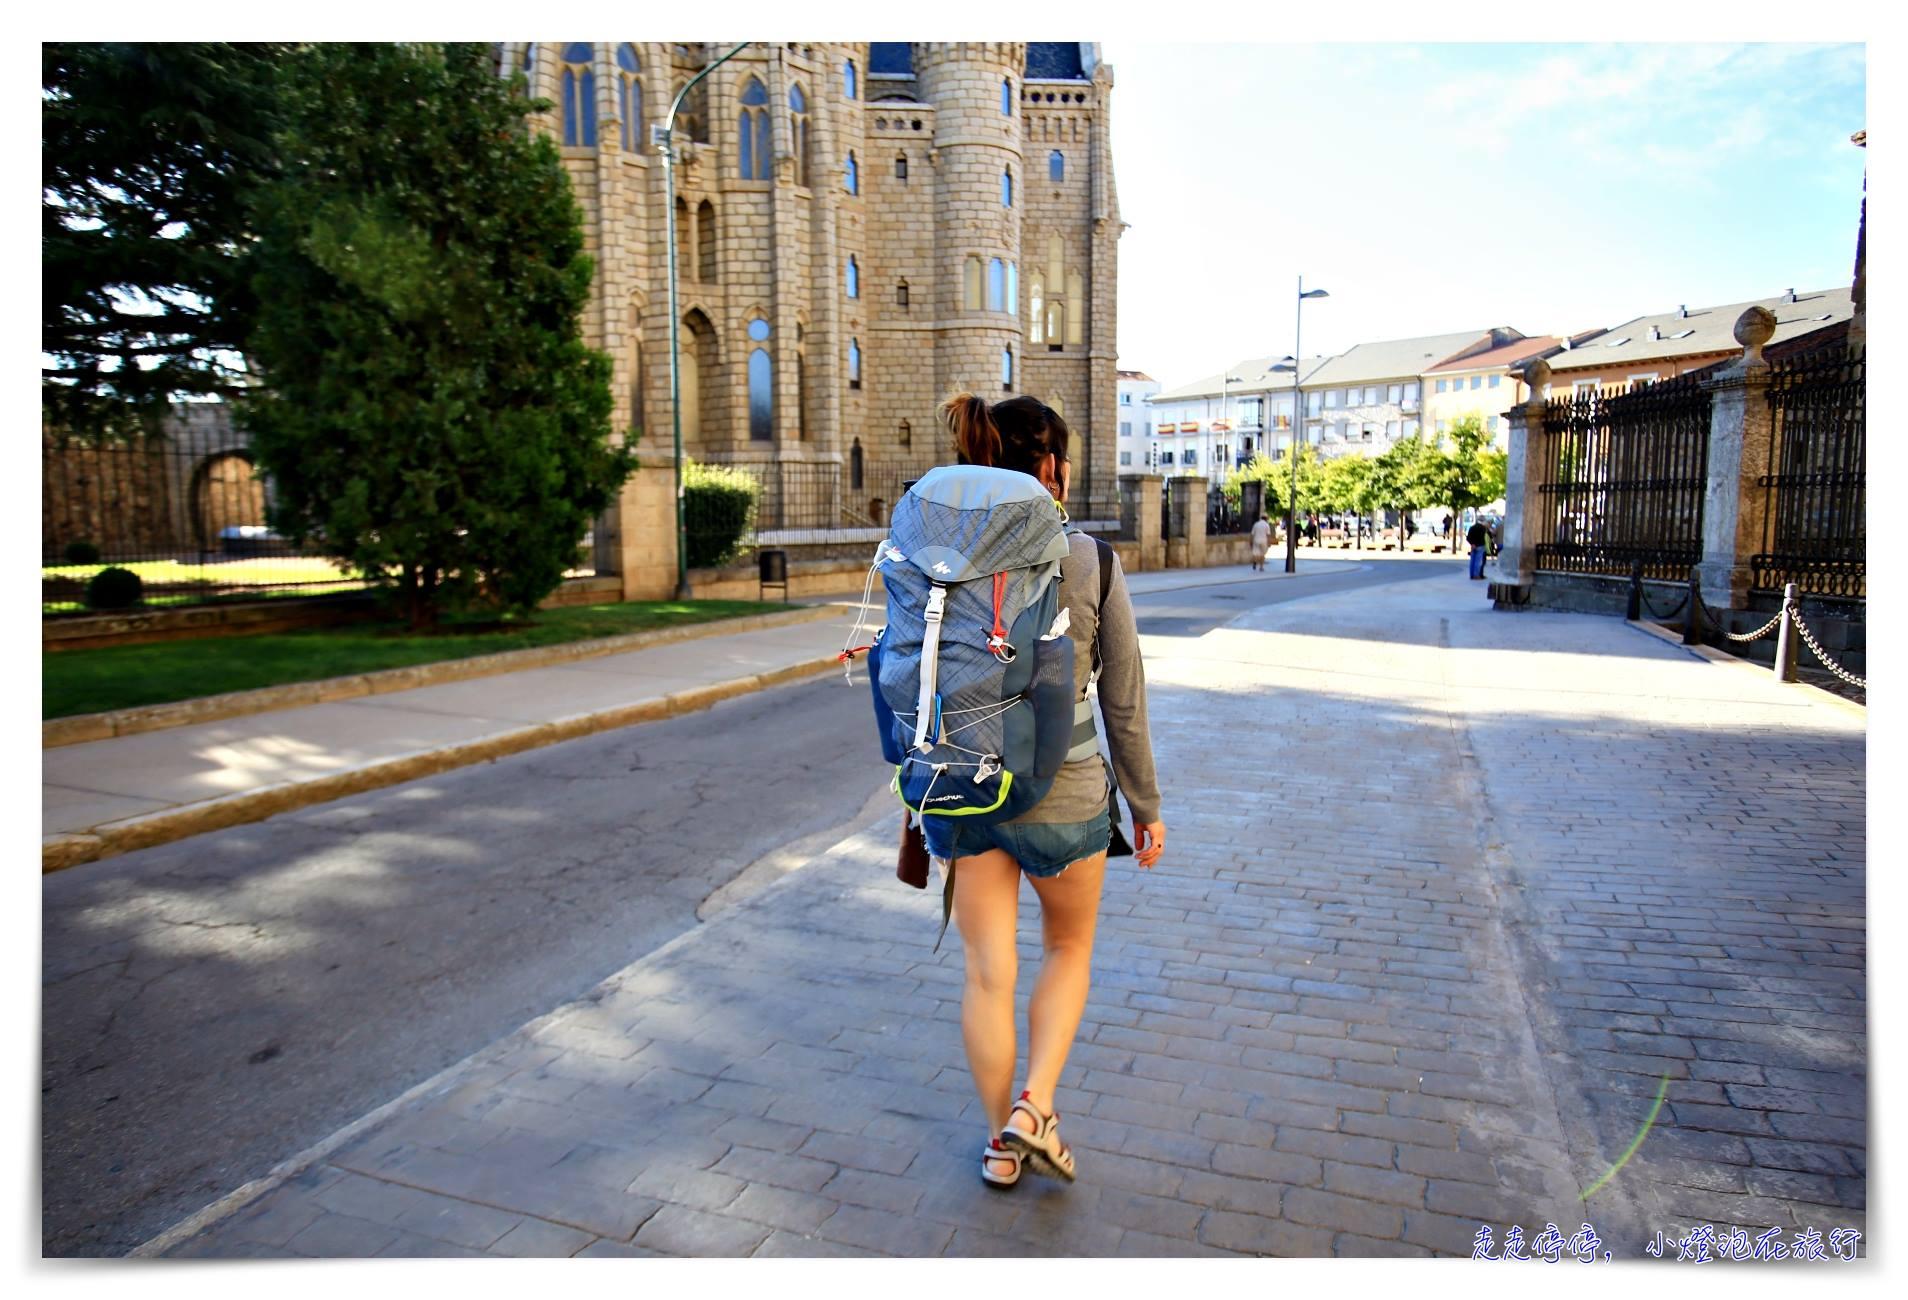 西班牙親子朝聖之路|Day2 LEON到ASTORGA,試走6公里~我願意為了看見你們純真的笑容,繼續努力~